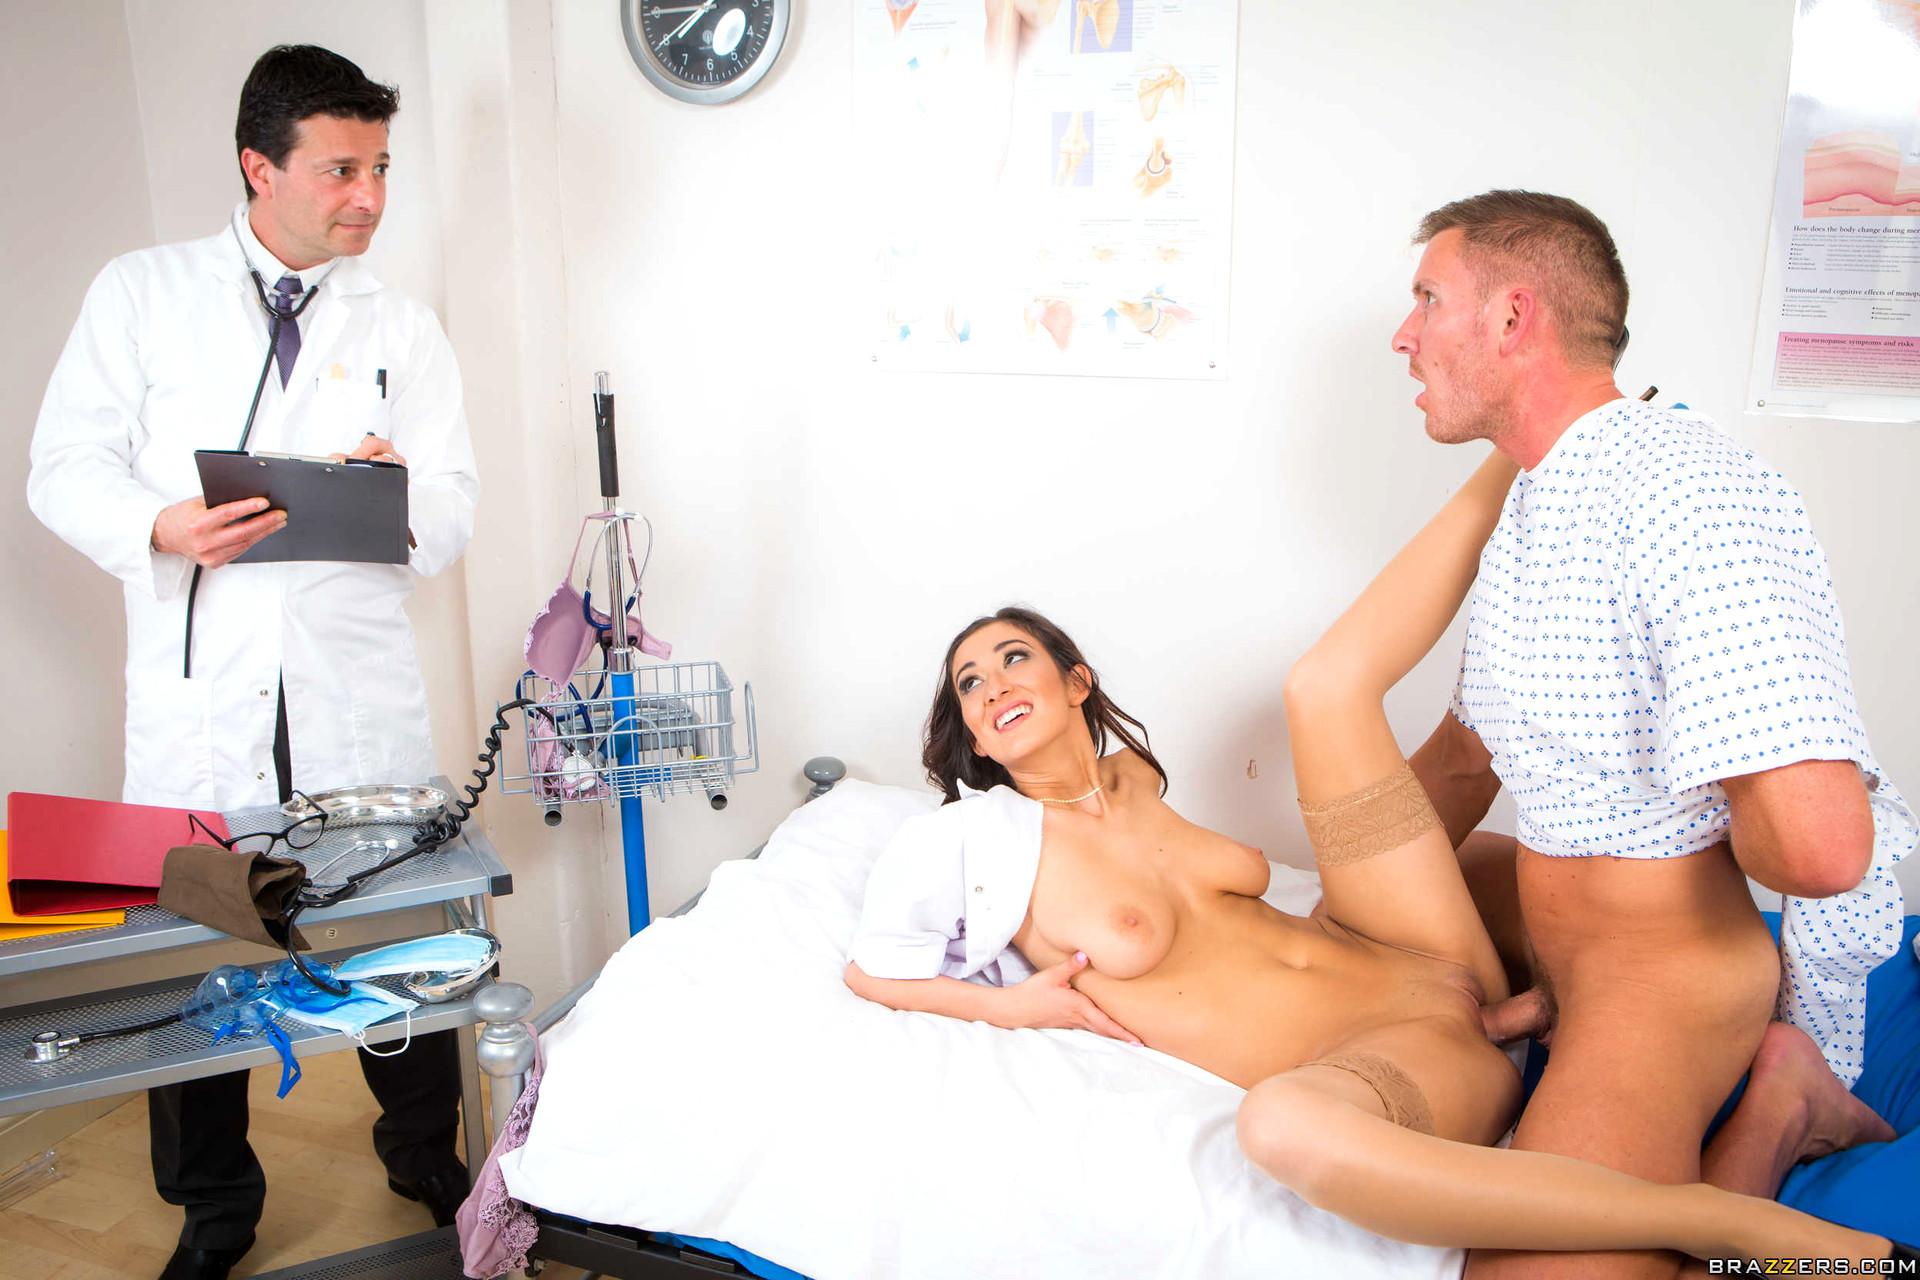 Порно озабоченная пациентка, сальма хайек порно смотреть